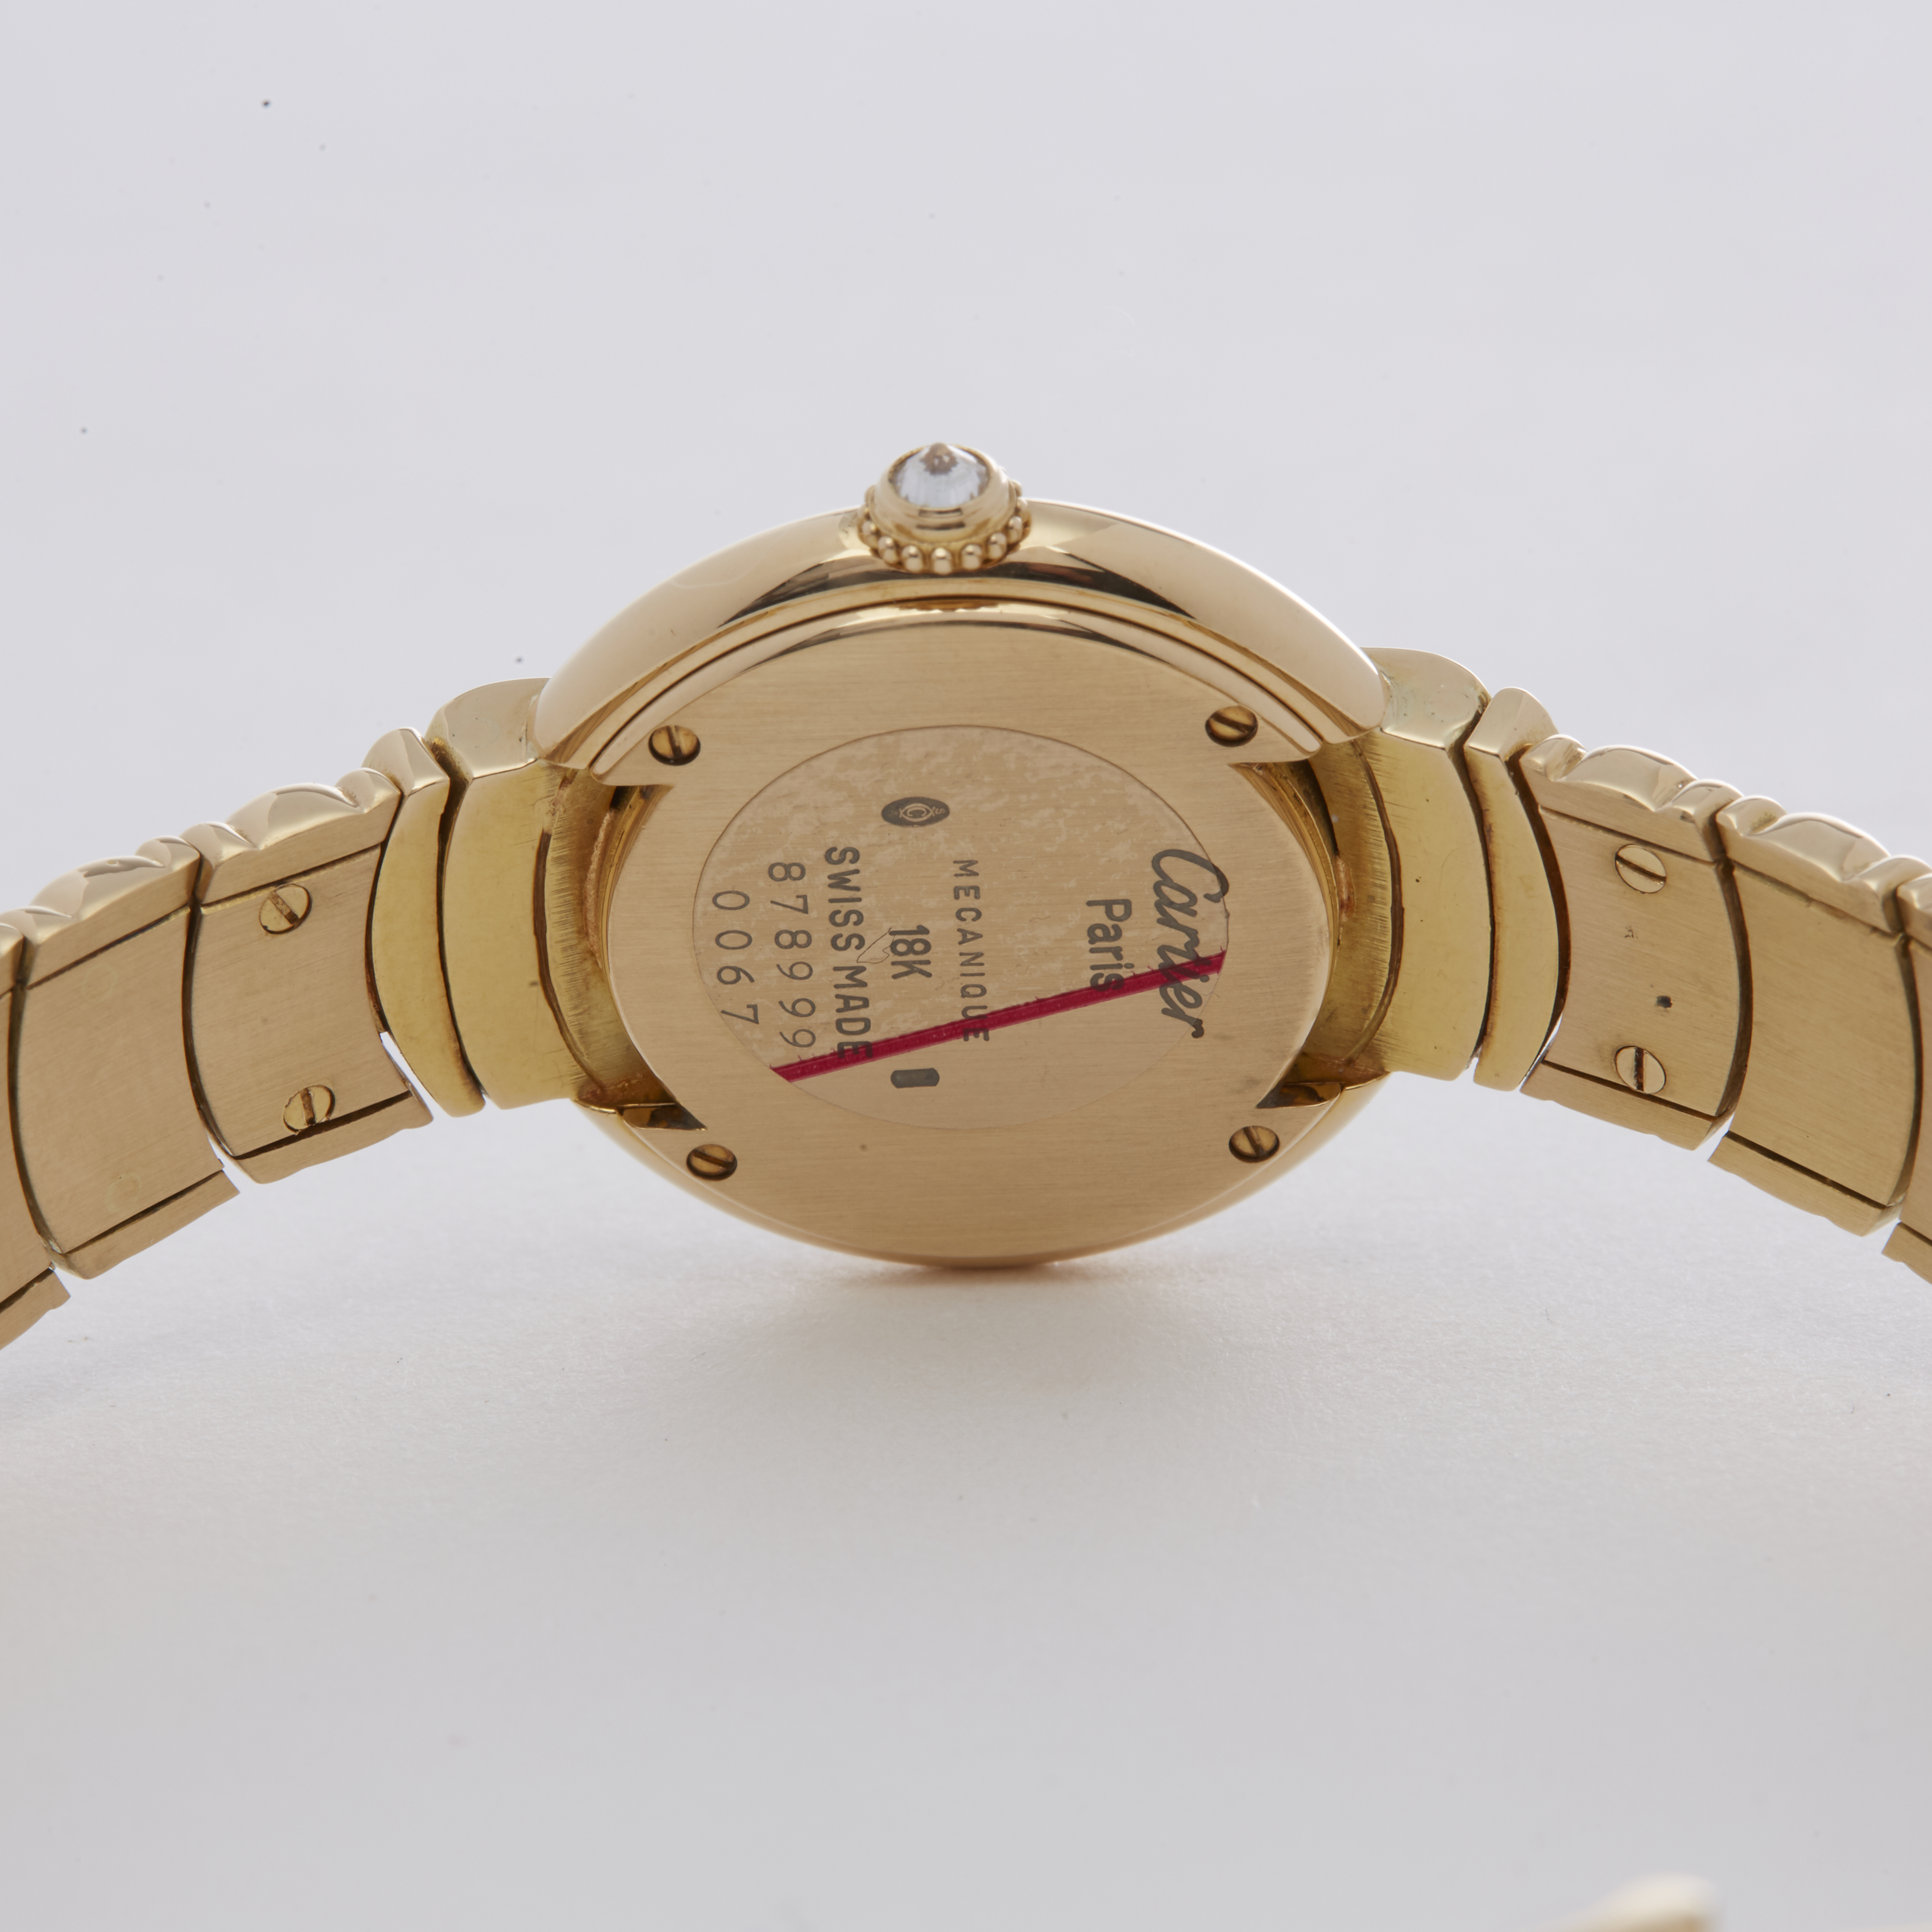 Cartier Vendome 878999 Ladies Yellow Gold Paris Mecanique Diamond Watch - Image 2 of 6